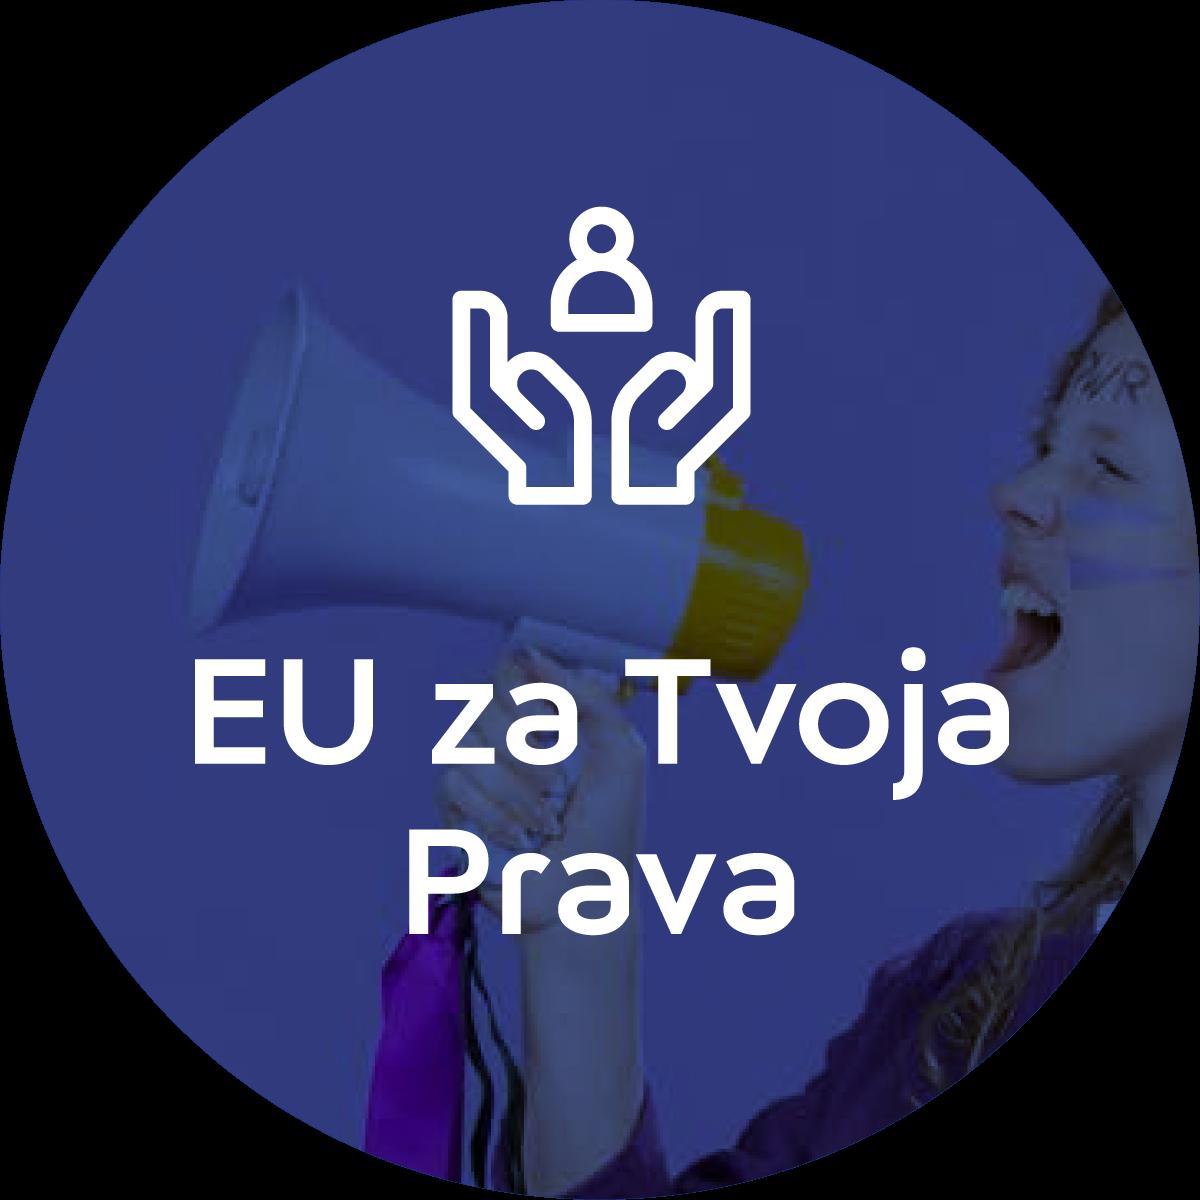 EU za tvoja prava